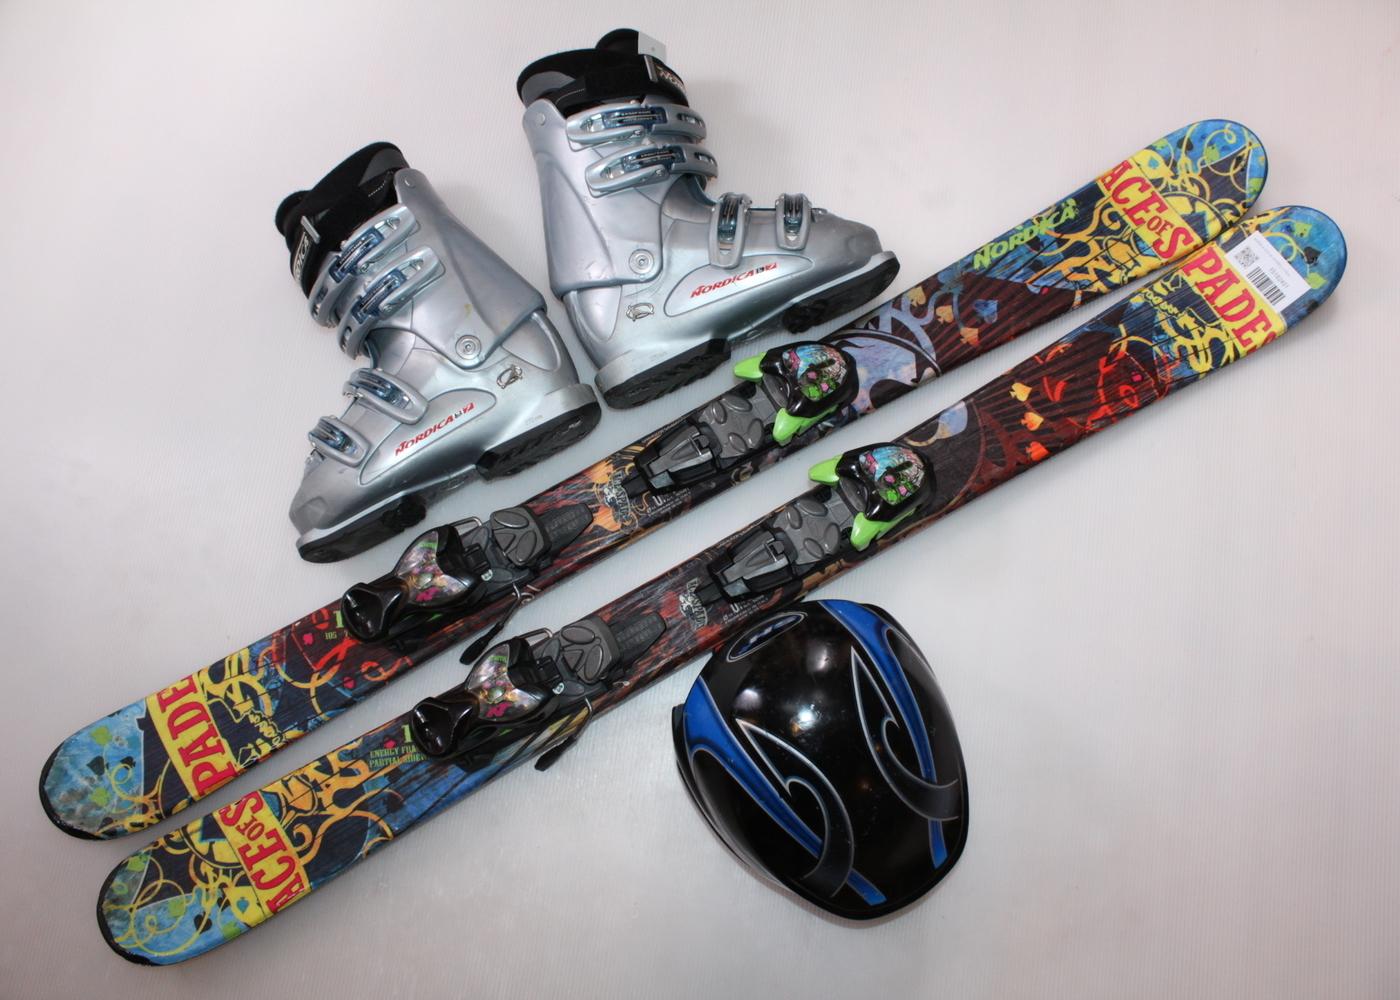 Dětské lyže NORDICA ACE OF SPADES J 118 cm + lyžáky  36.5EU + helma